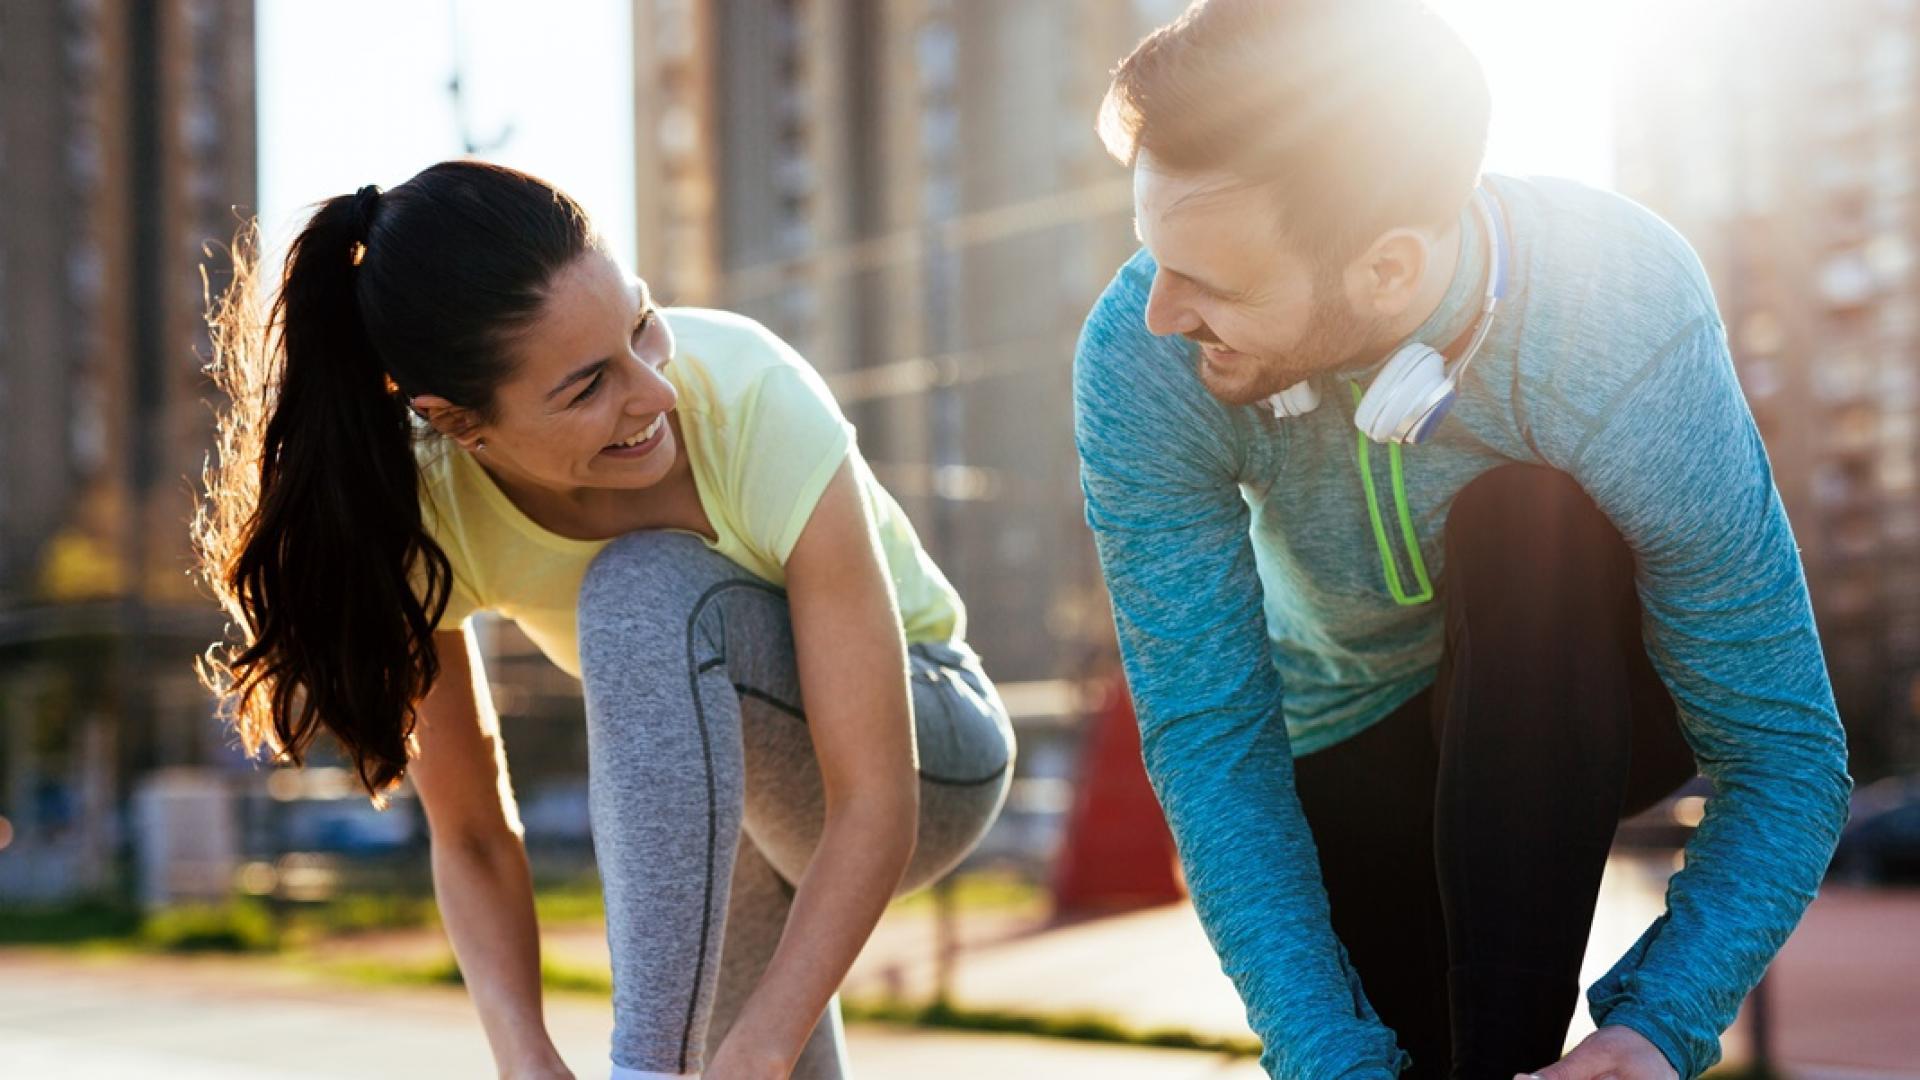 Кои спортове могат да ни накарат да сме по-активни